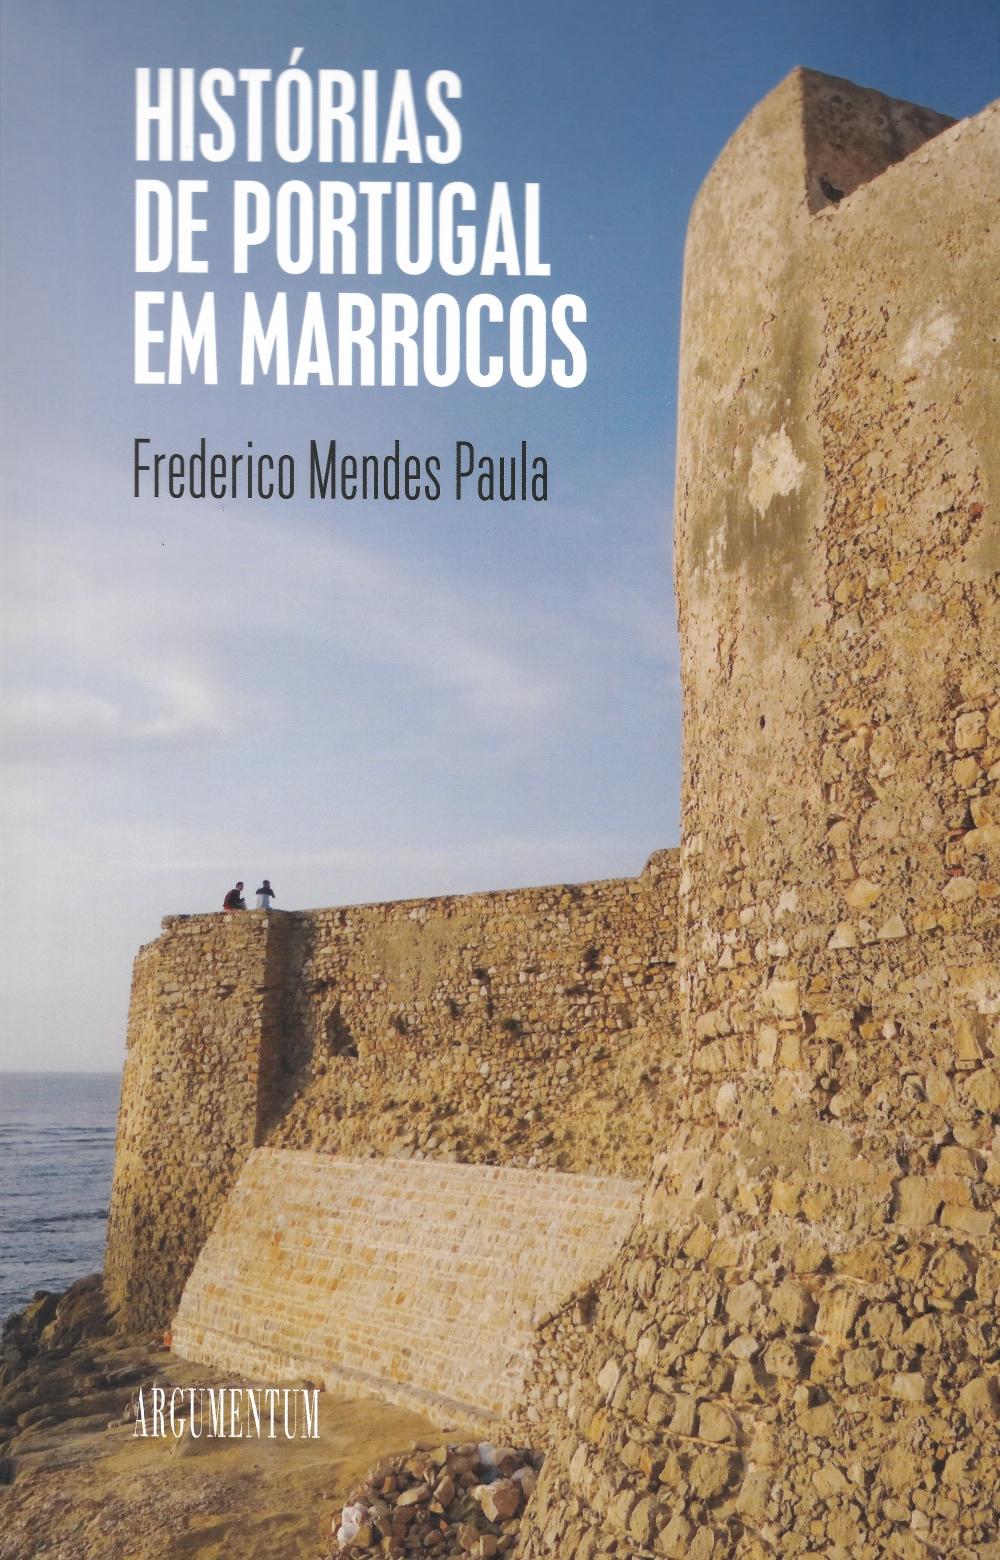 Historias de Portugal am Marrocos